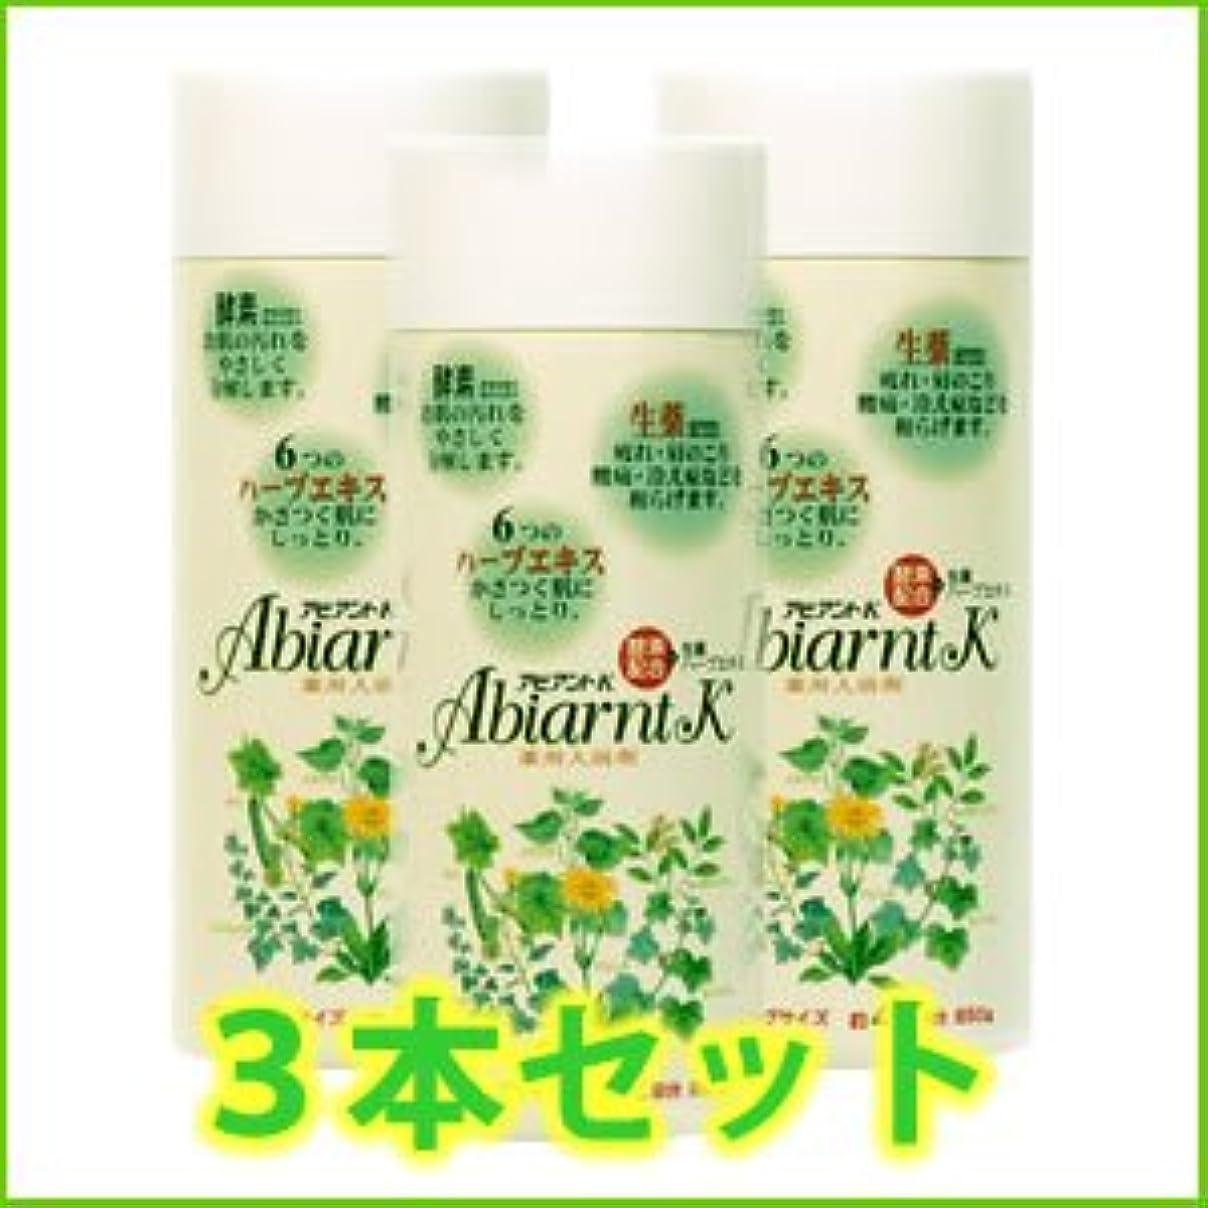 シンボル蒸気思い出させる薬用入浴剤 アビアントK 850g ×3